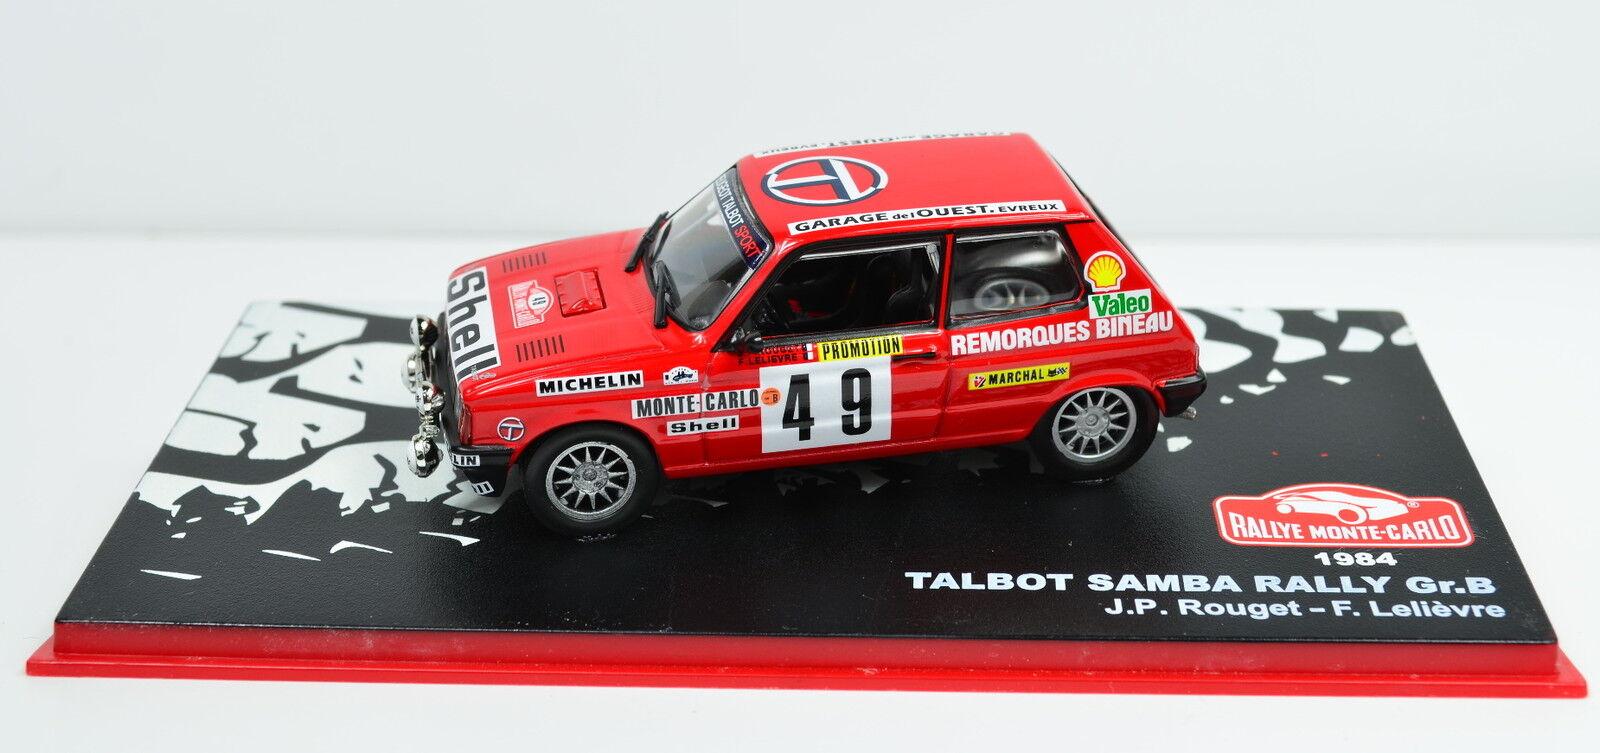 Talbot Samba Course size B Lacs Monte-Carlo 1984 échelle 1 43